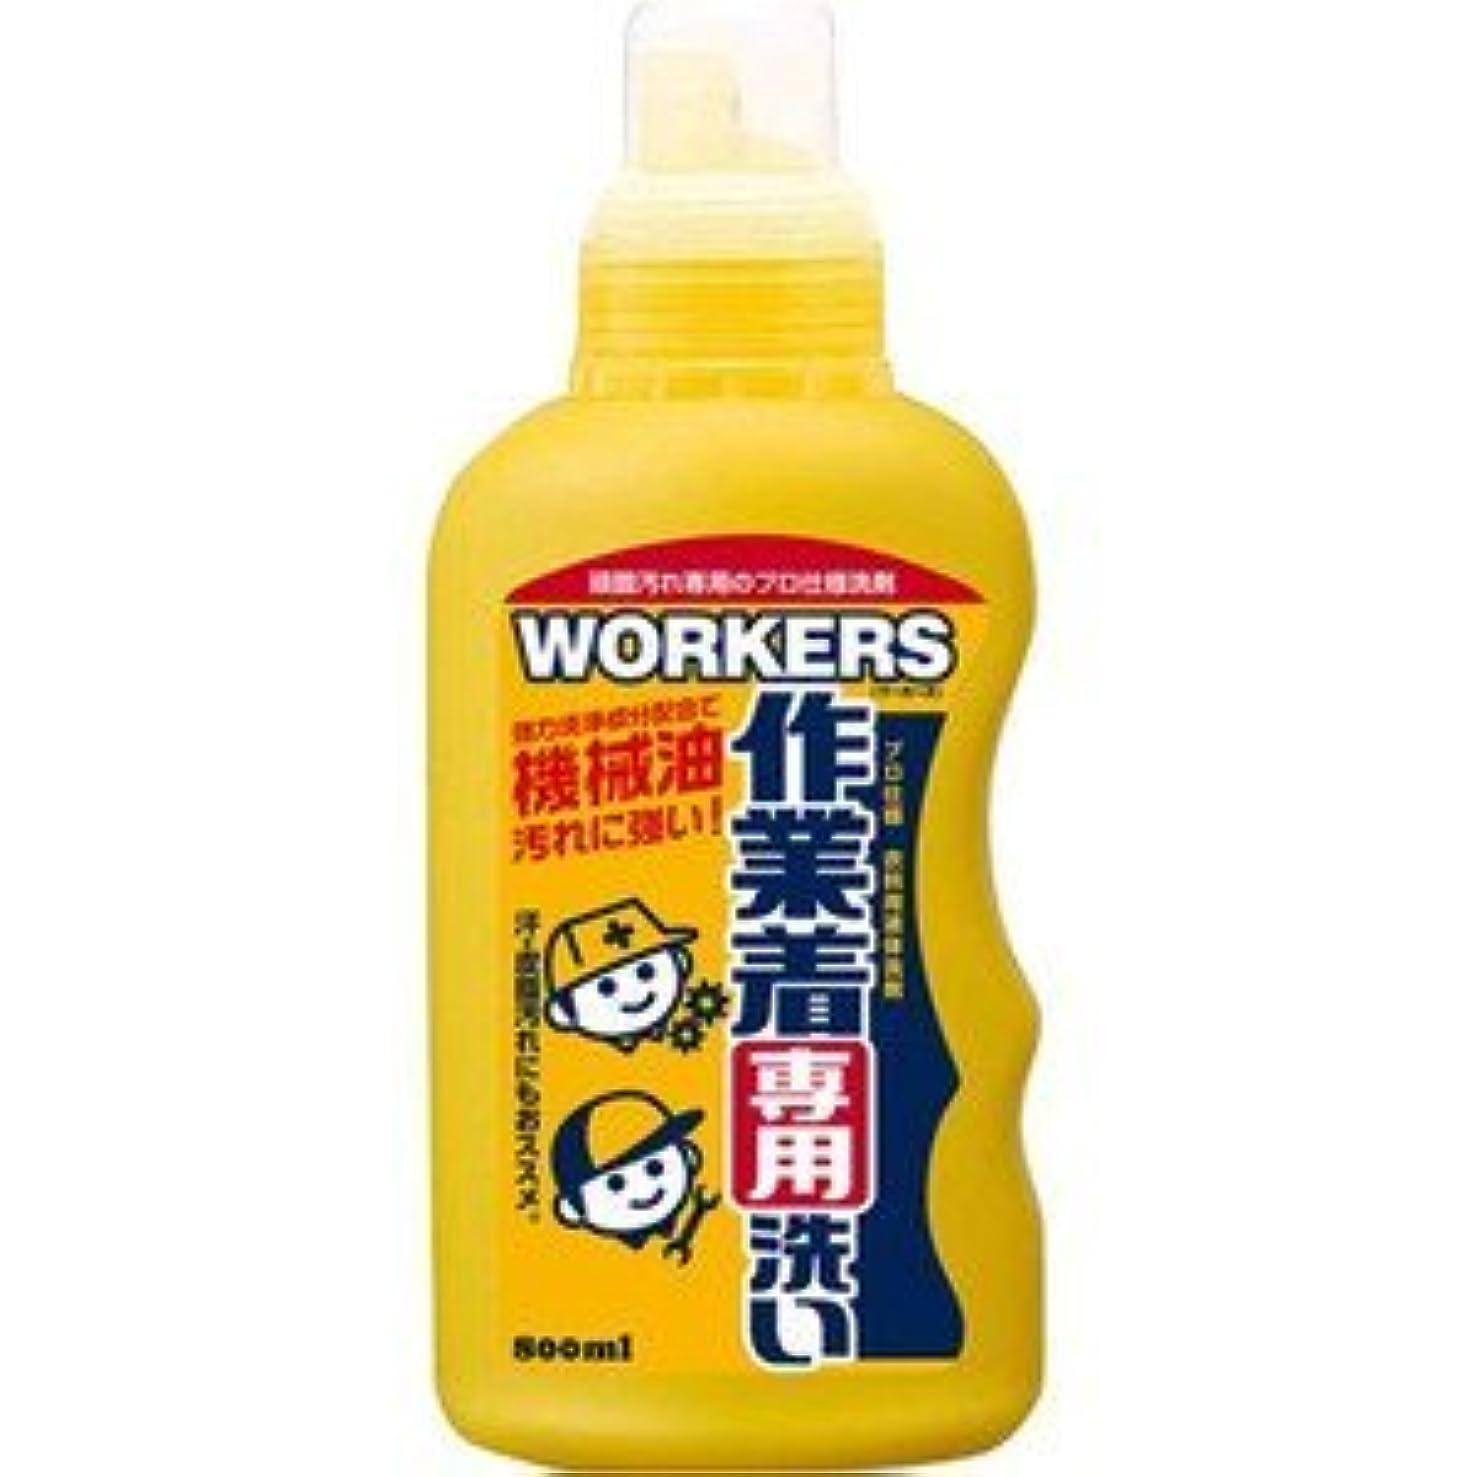 毒線送信する(NSファーファ?ジャパン)WORKERS 作業着液体洗剤 本体 800ml(お買い得3個セット)